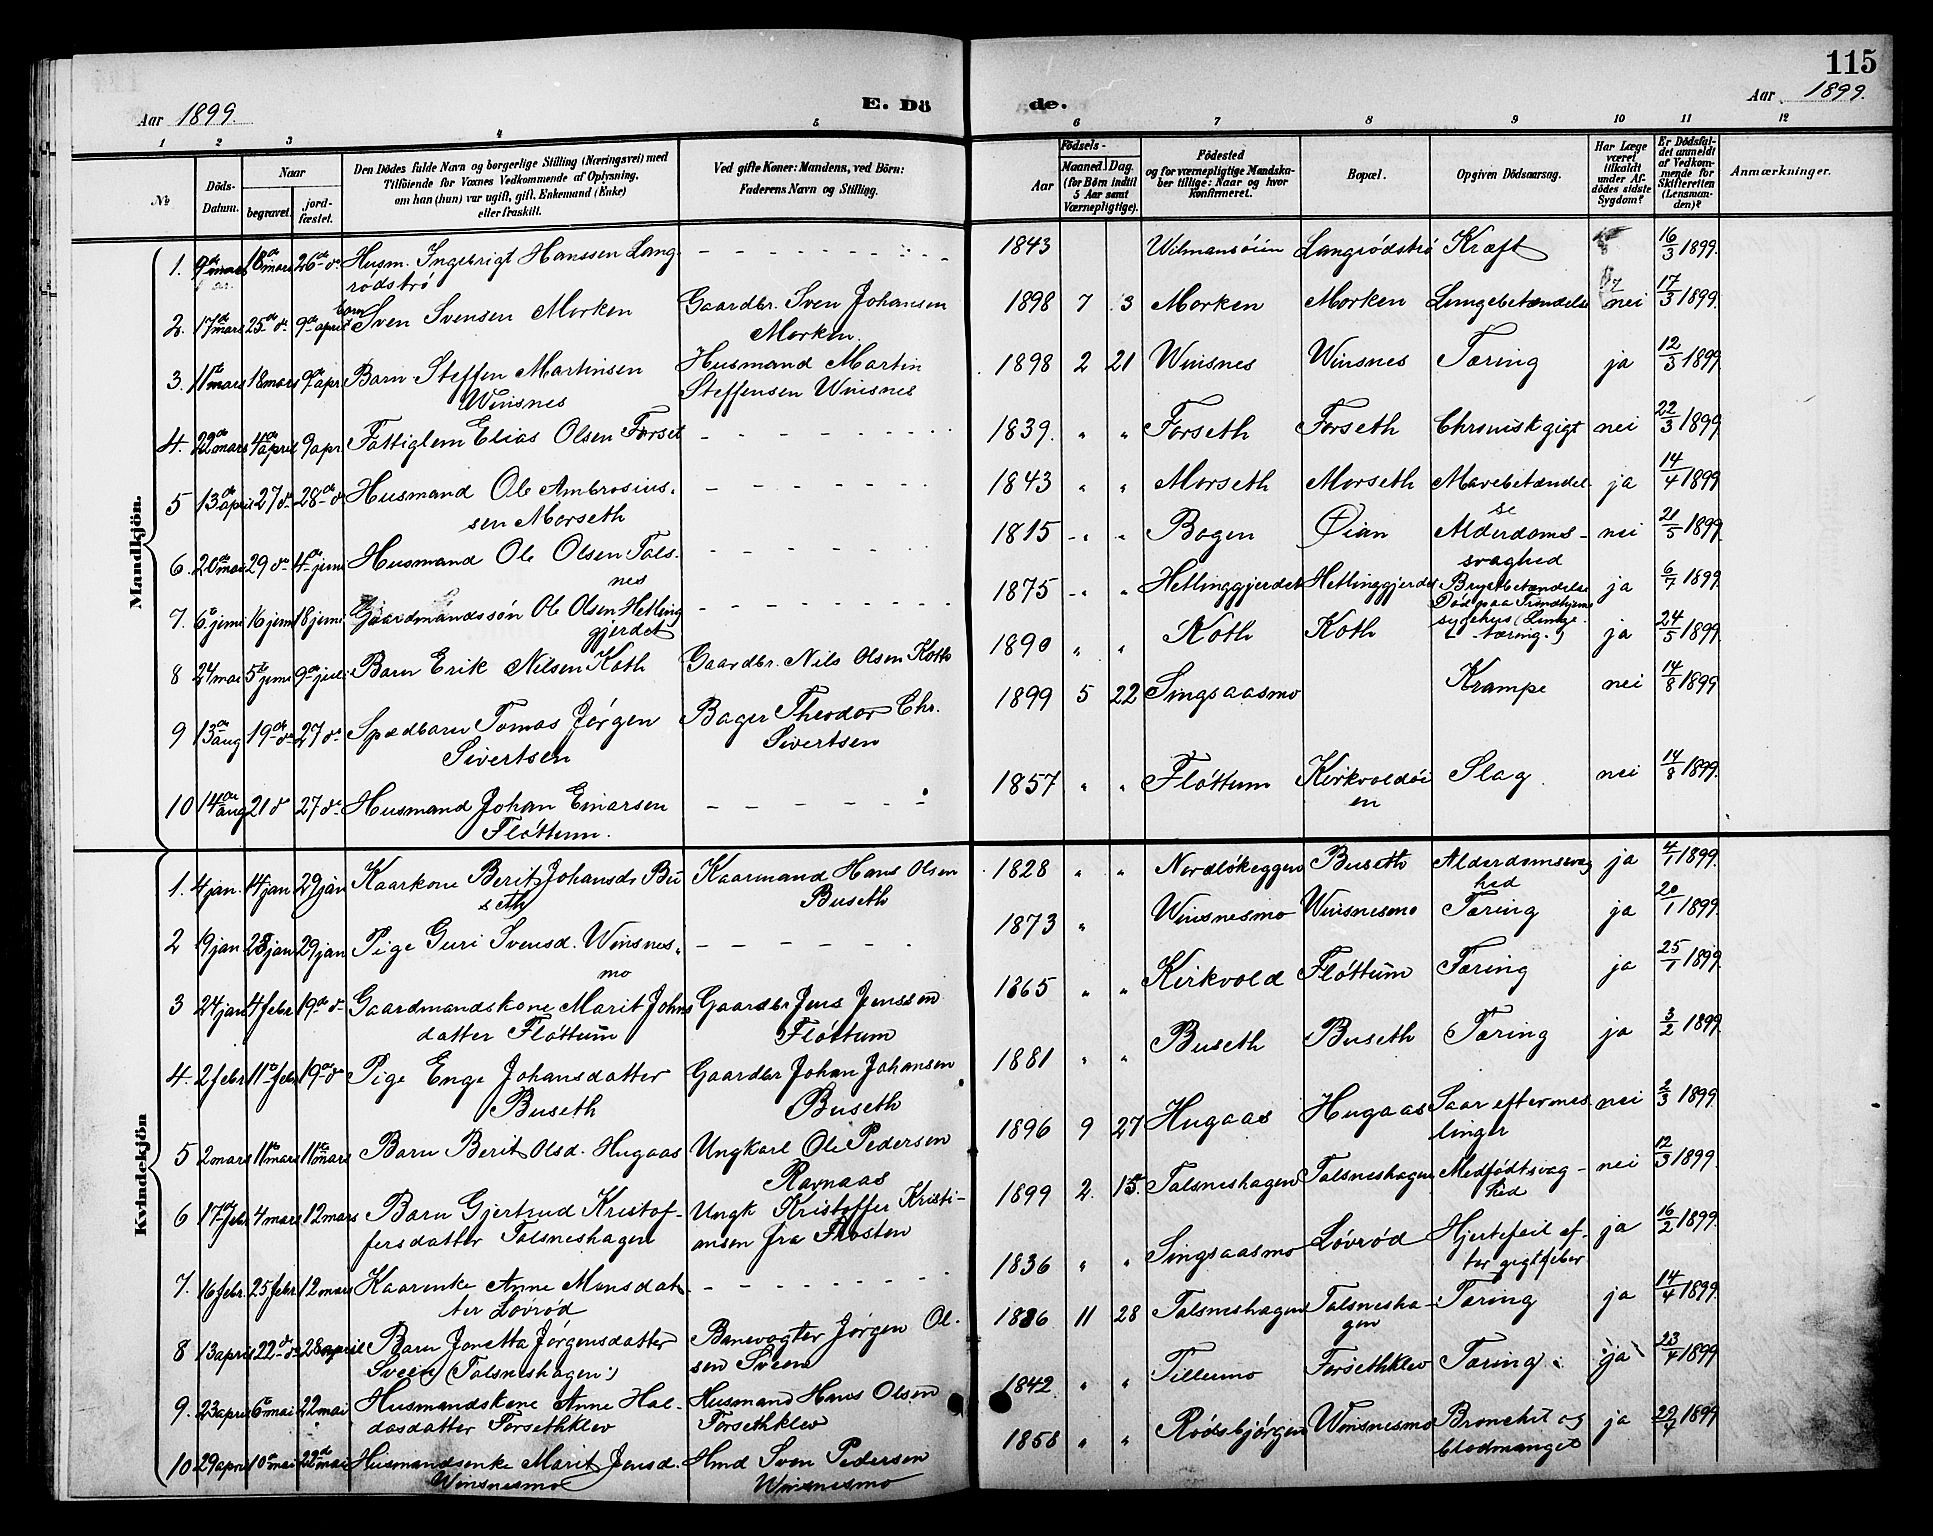 SAT, Ministerialprotokoller, klokkerbøker og fødselsregistre - Sør-Trøndelag, 688/L1029: Klokkerbok nr. 688C04, 1899-1915, s. 115